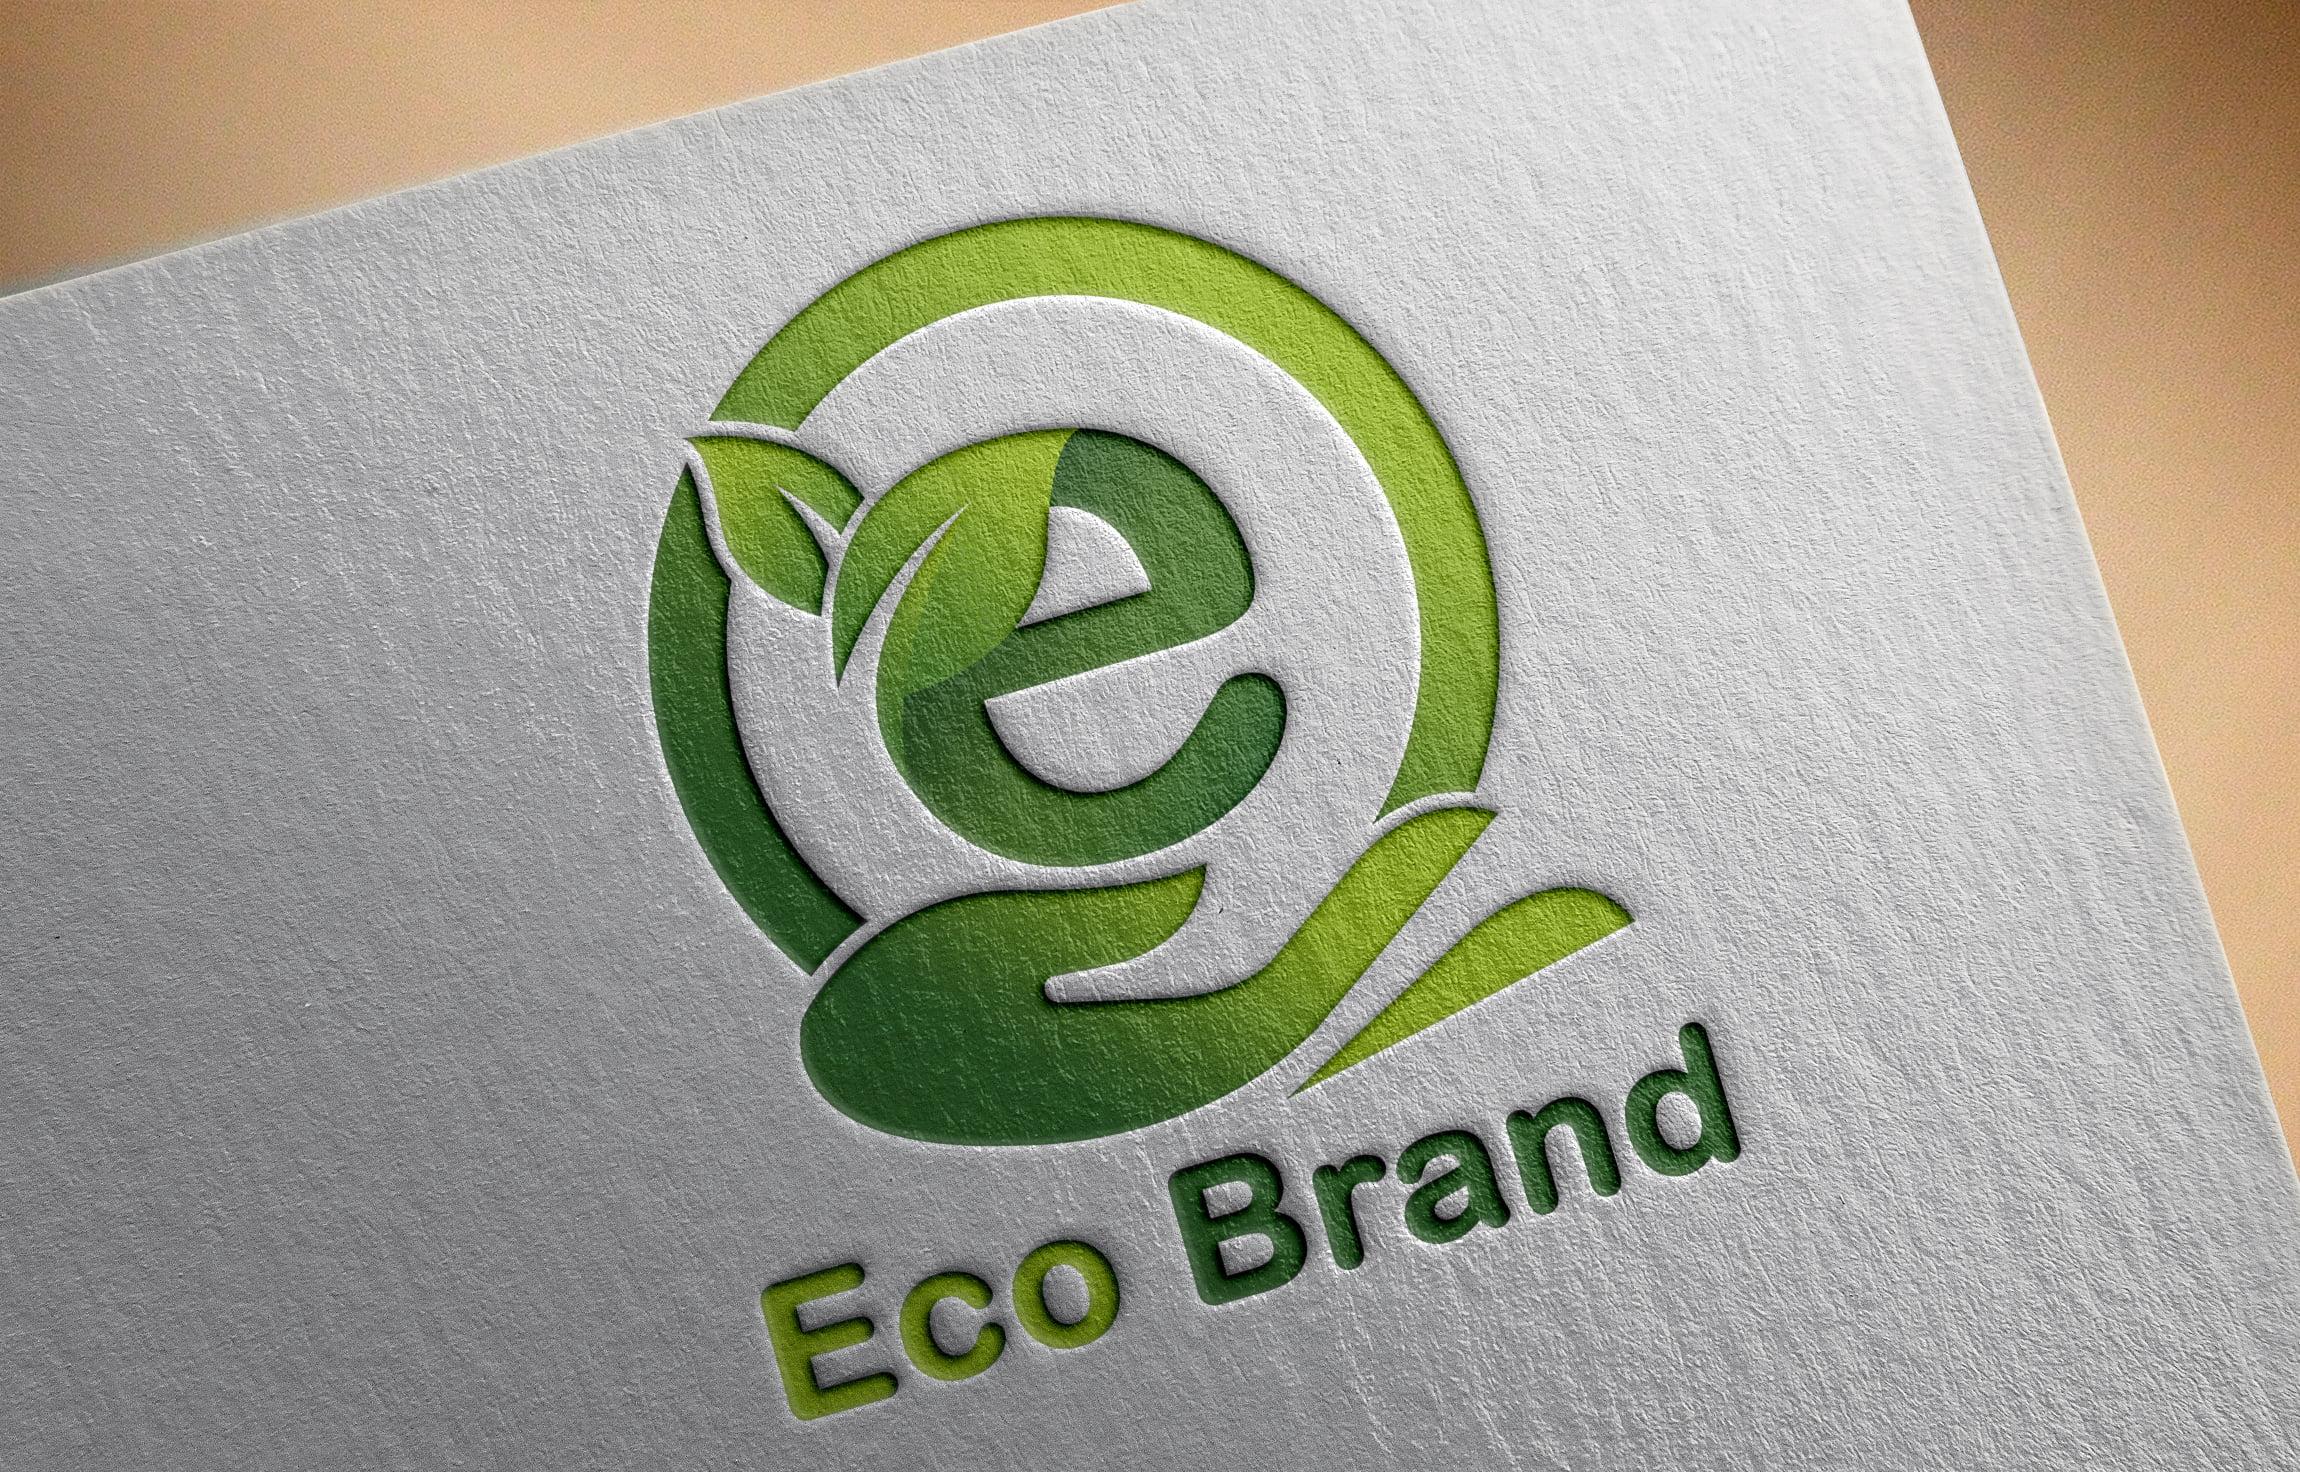 Eco Brand Logo Design Tutorial